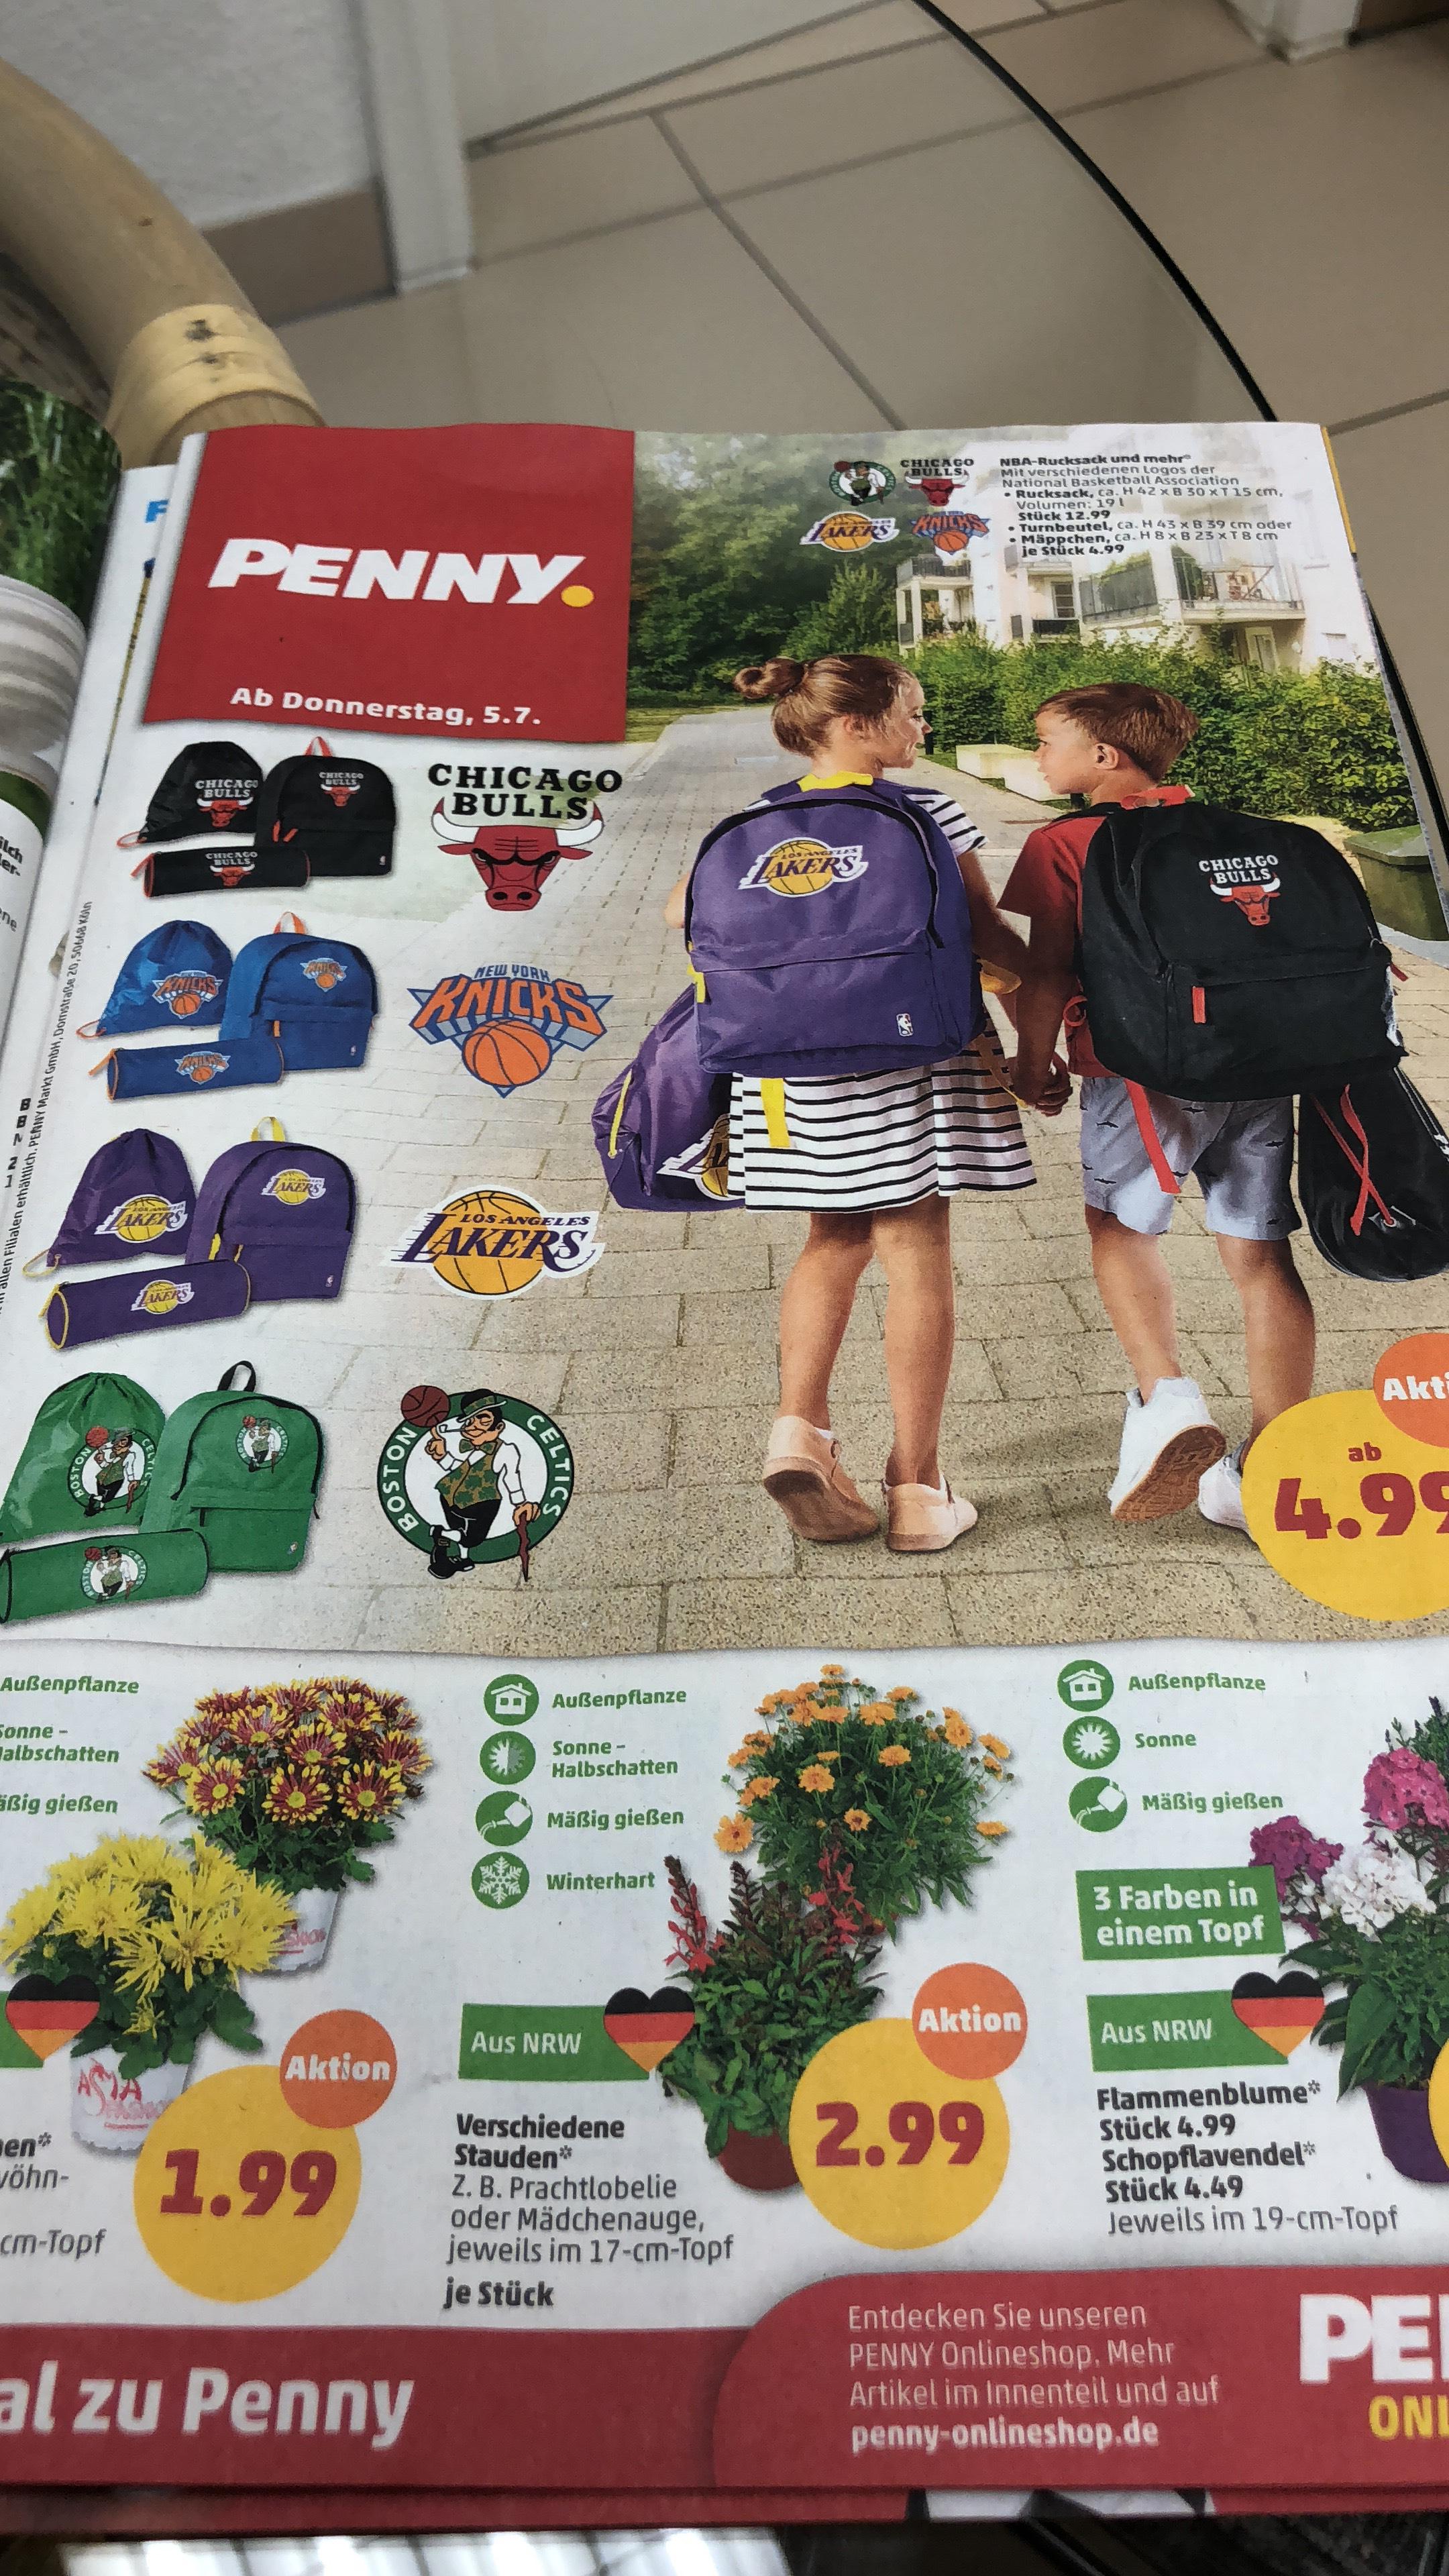 Celtics/Lakers/Bulls/Knicks Fanwear